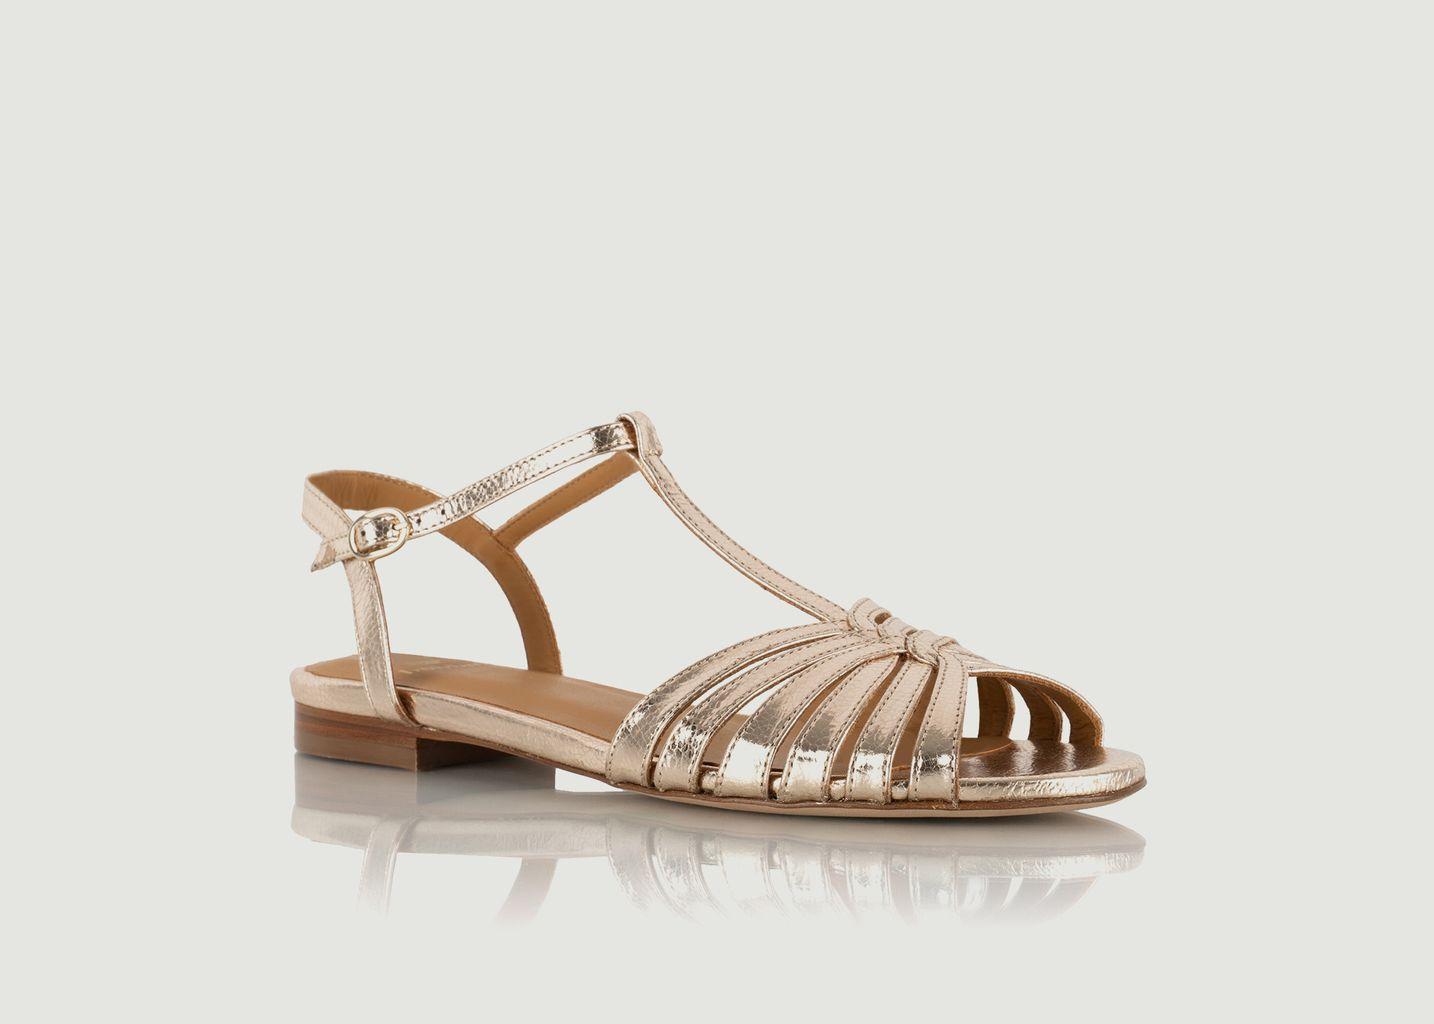 Sandales plates en cuir craquelé Gaby - Bobbies Paris